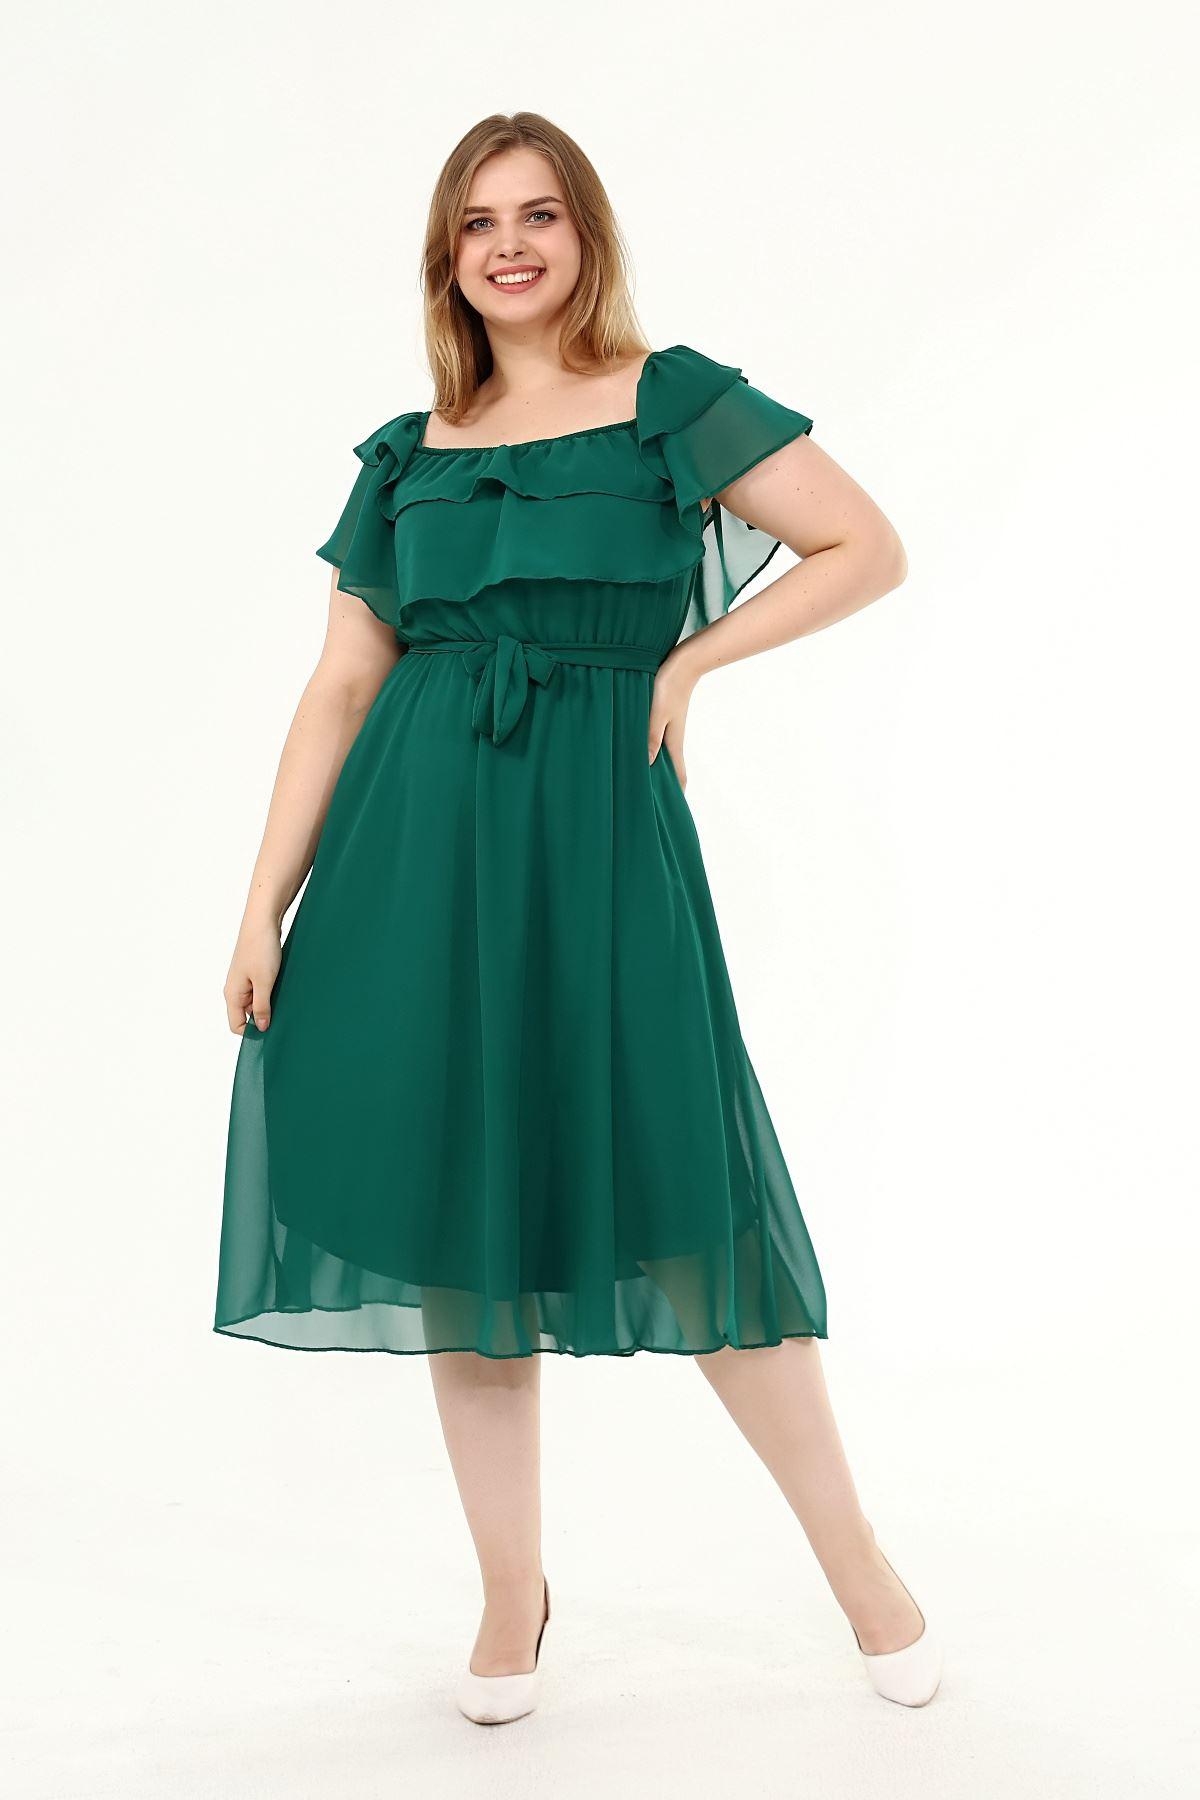 Karmen Yaka Büyük Beden Şifon Elbise 34E-1825